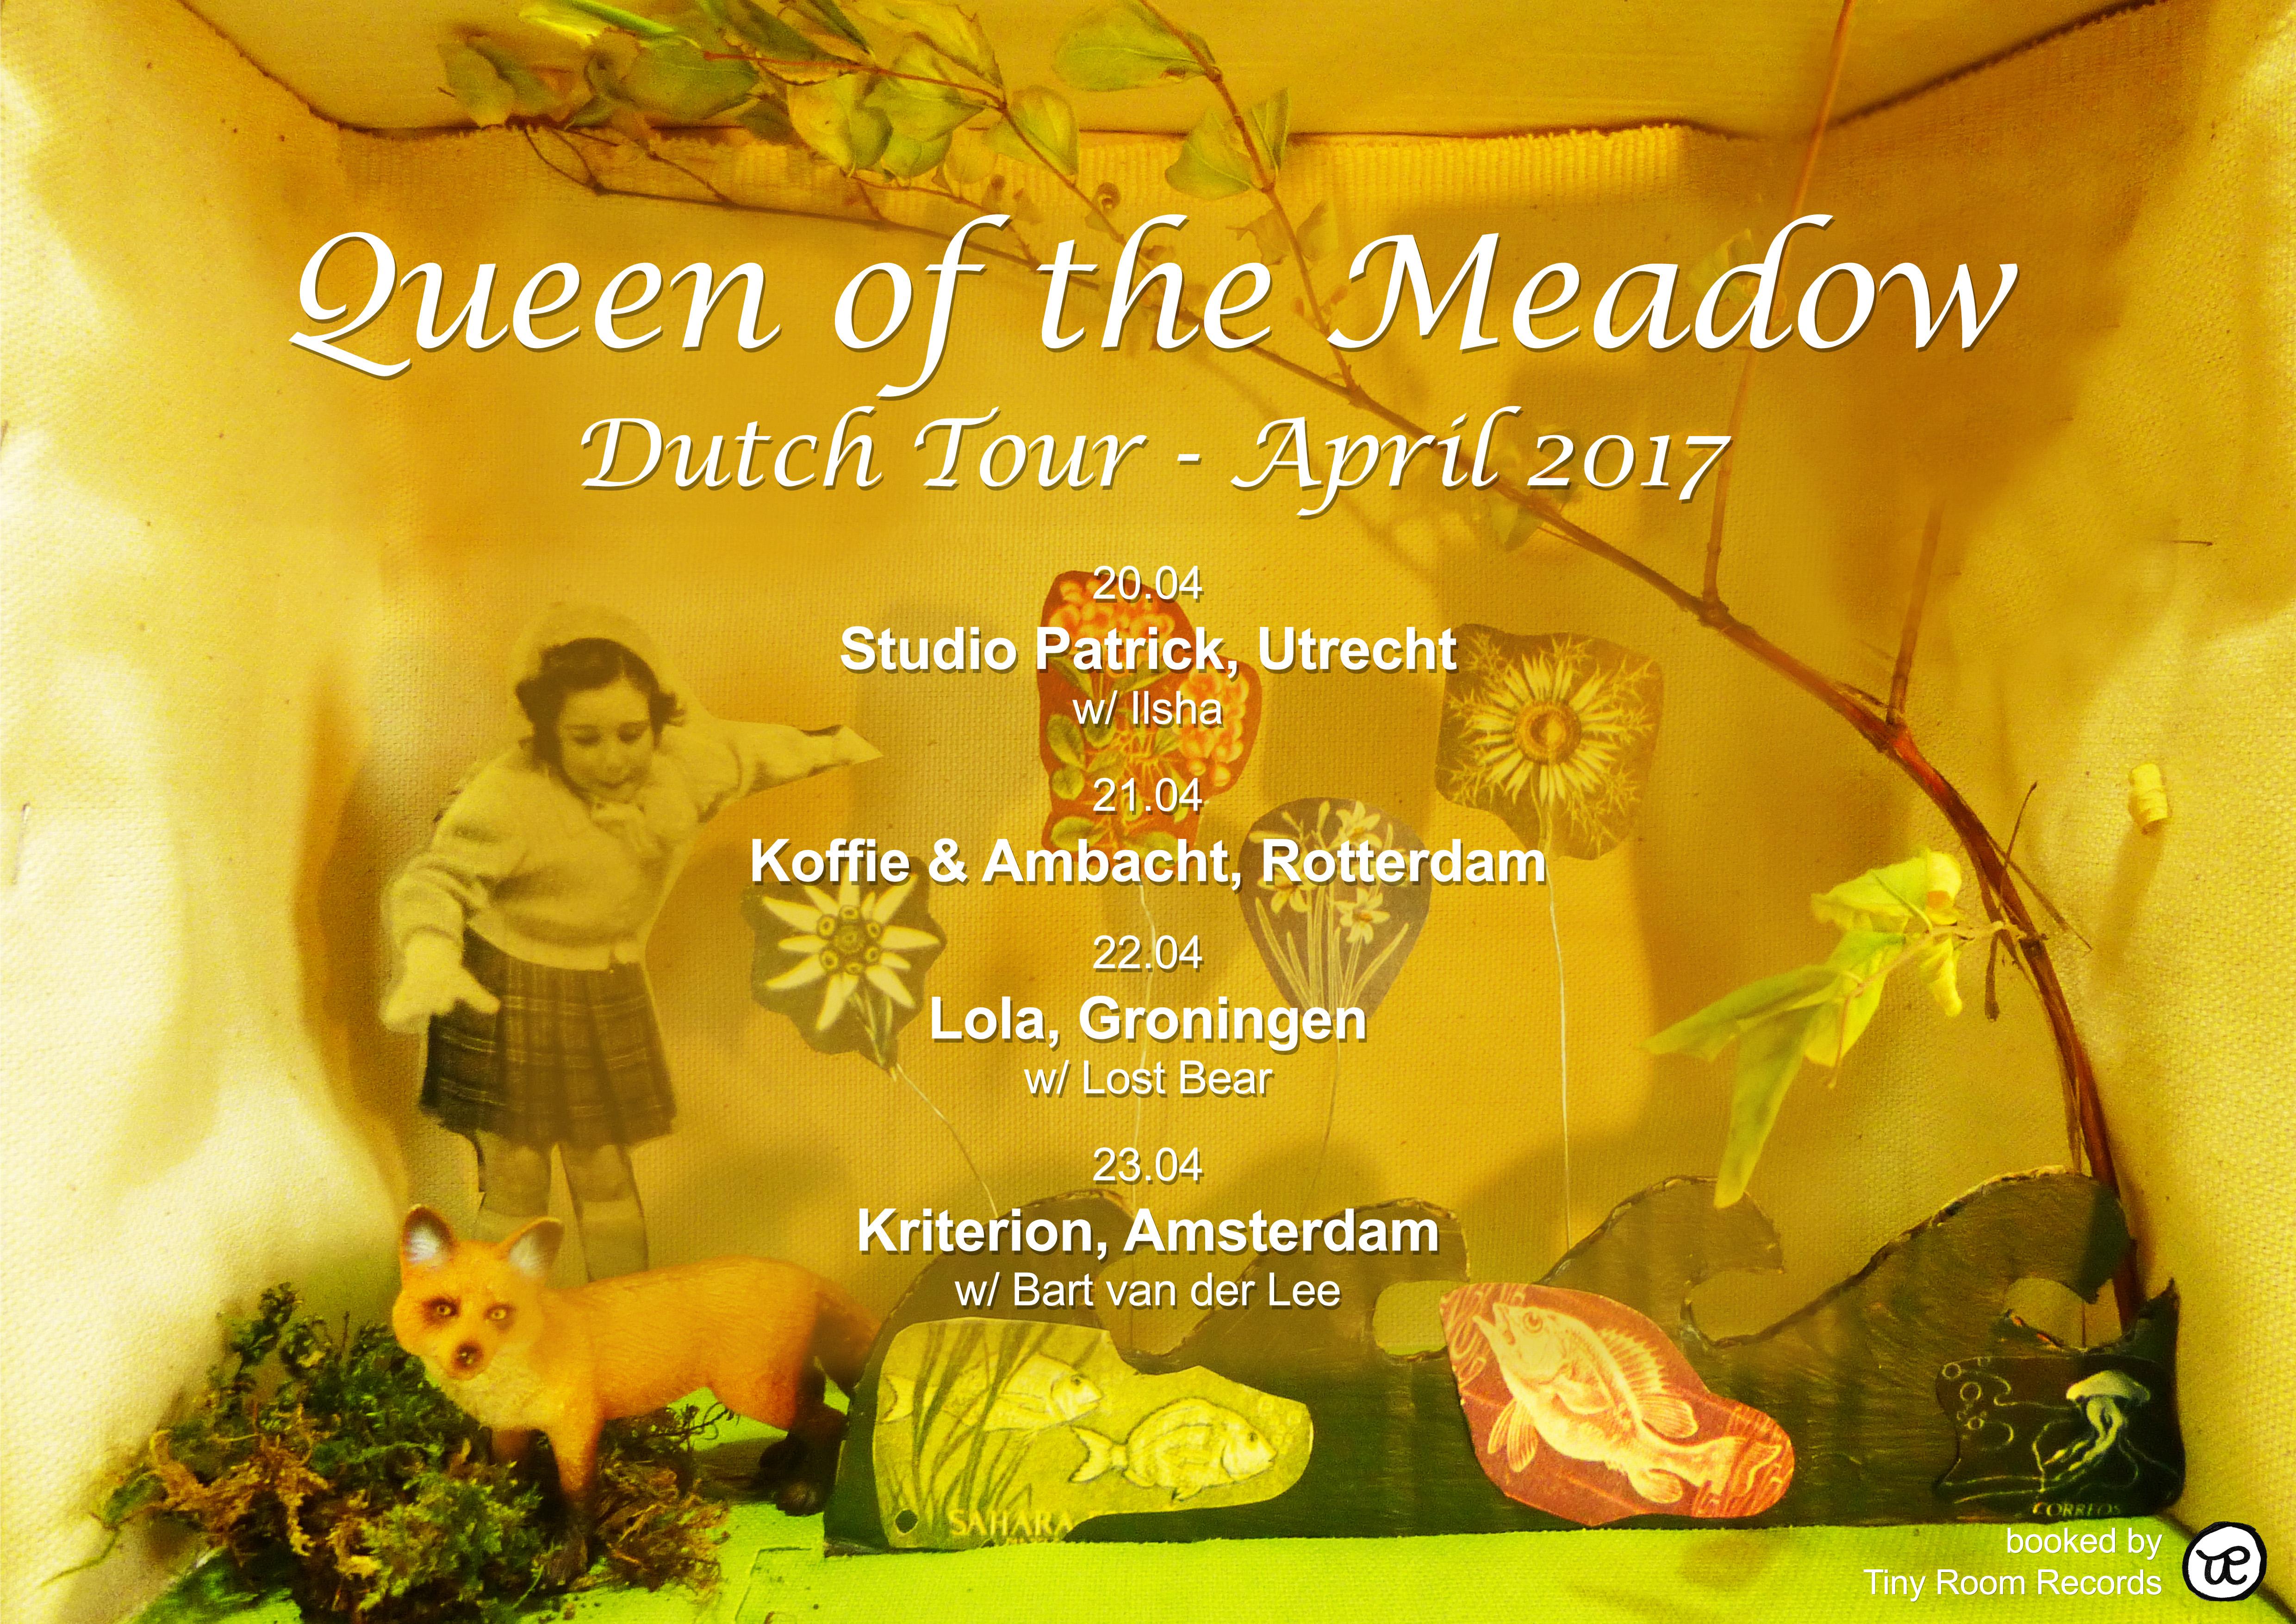 QOTM Tour Posterv3